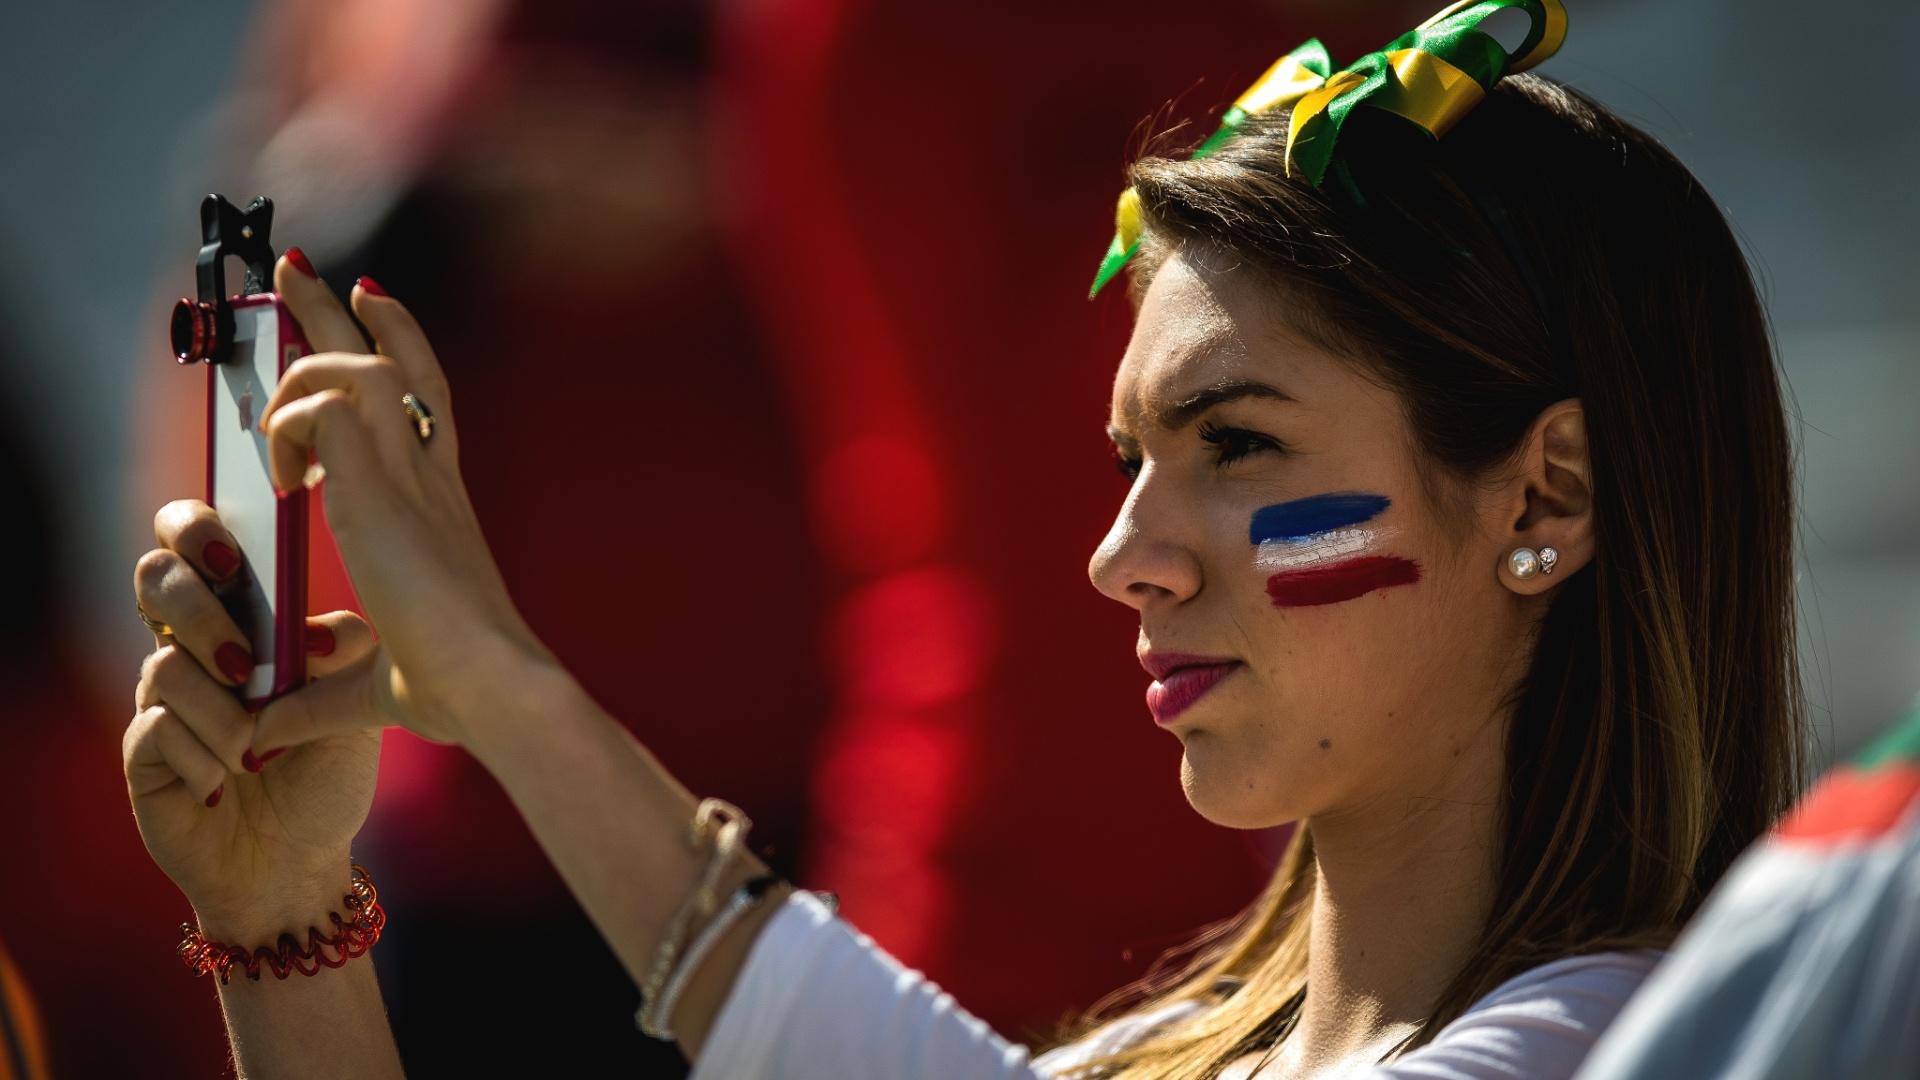 Torcedora apoia a Holanda para o duelo com o Chile, no Itaquerão